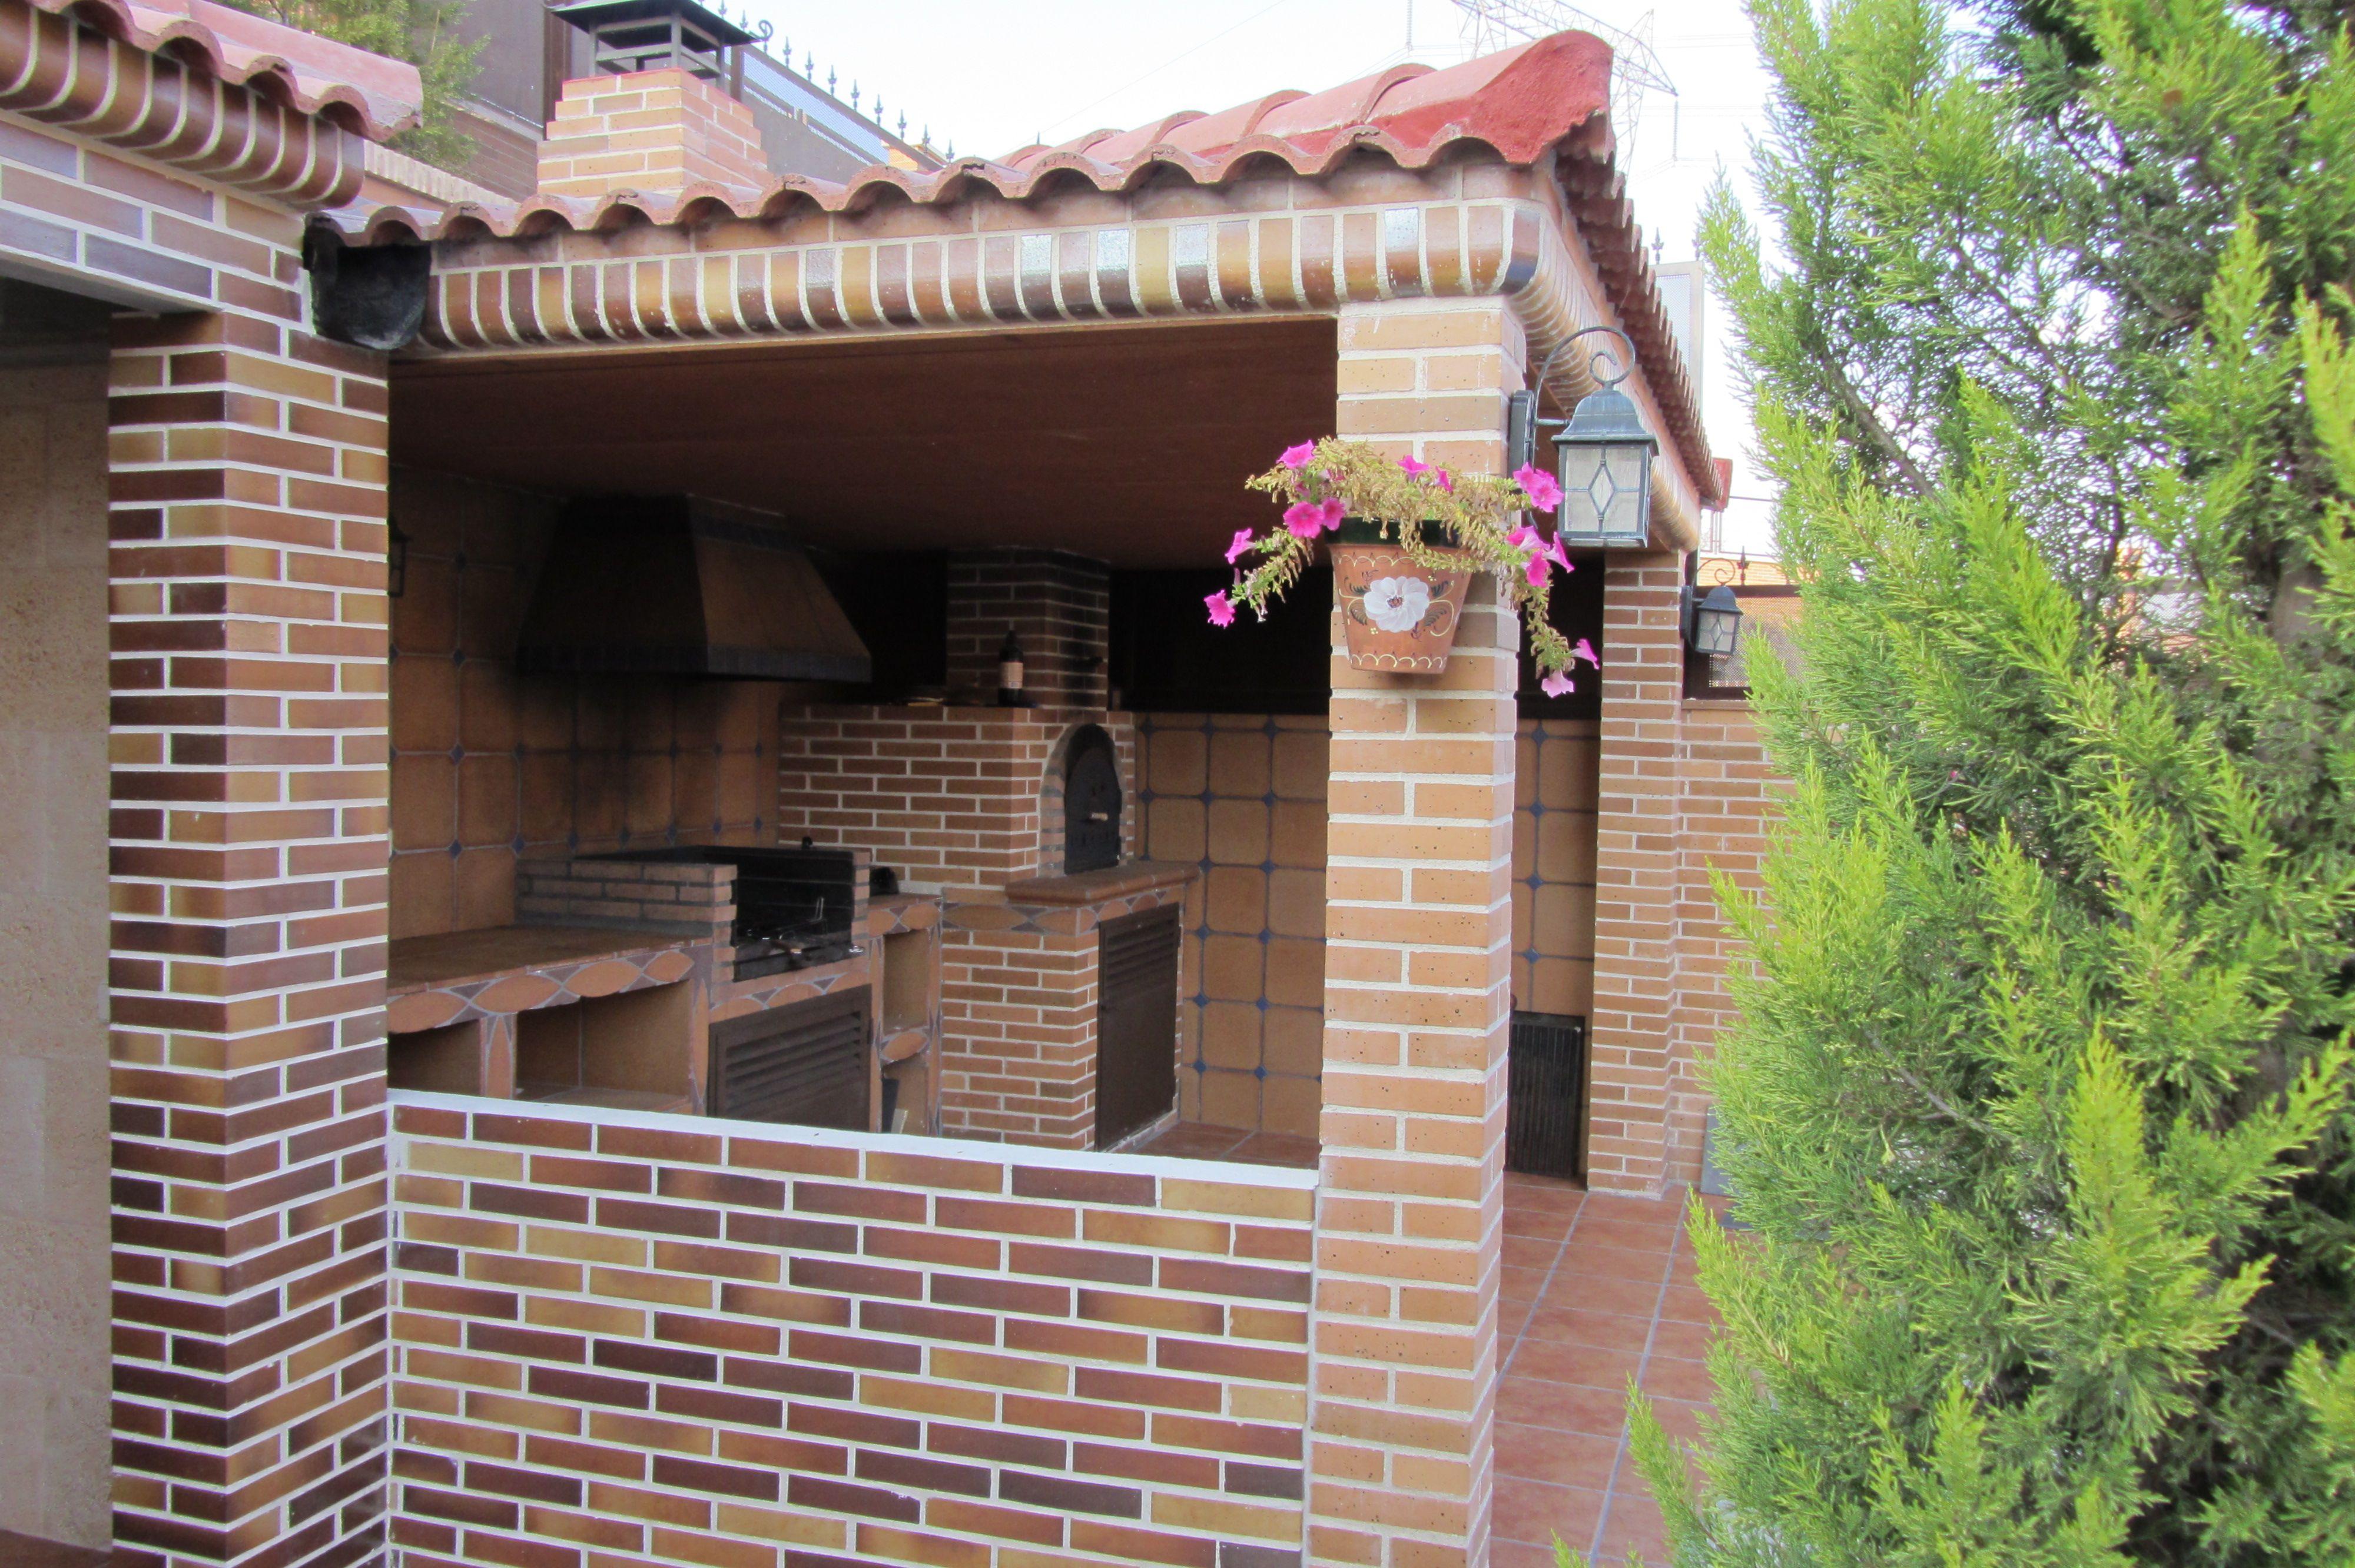 Con ladrillo visto y tejado de teja semi cerrada barbacoas cocinas y pergolas para exteriores - Barbacoas rusticas ladrillo ...